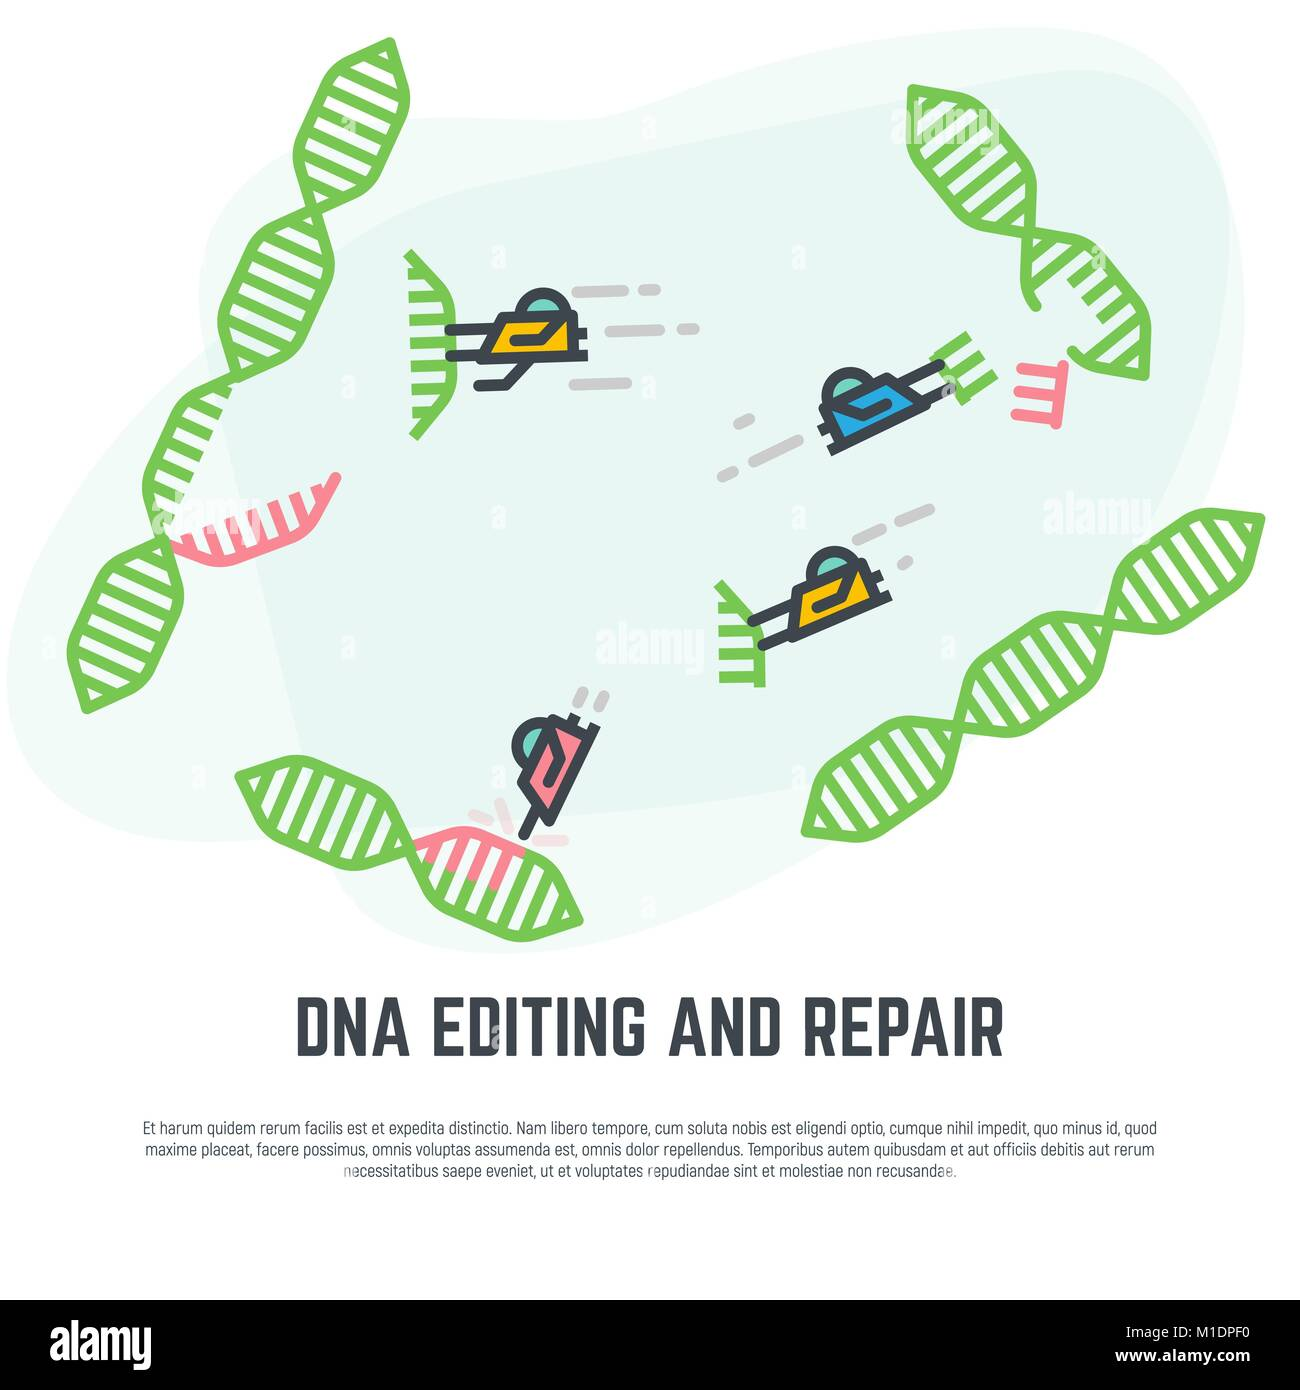 DNA editing nano bots - Stock Image